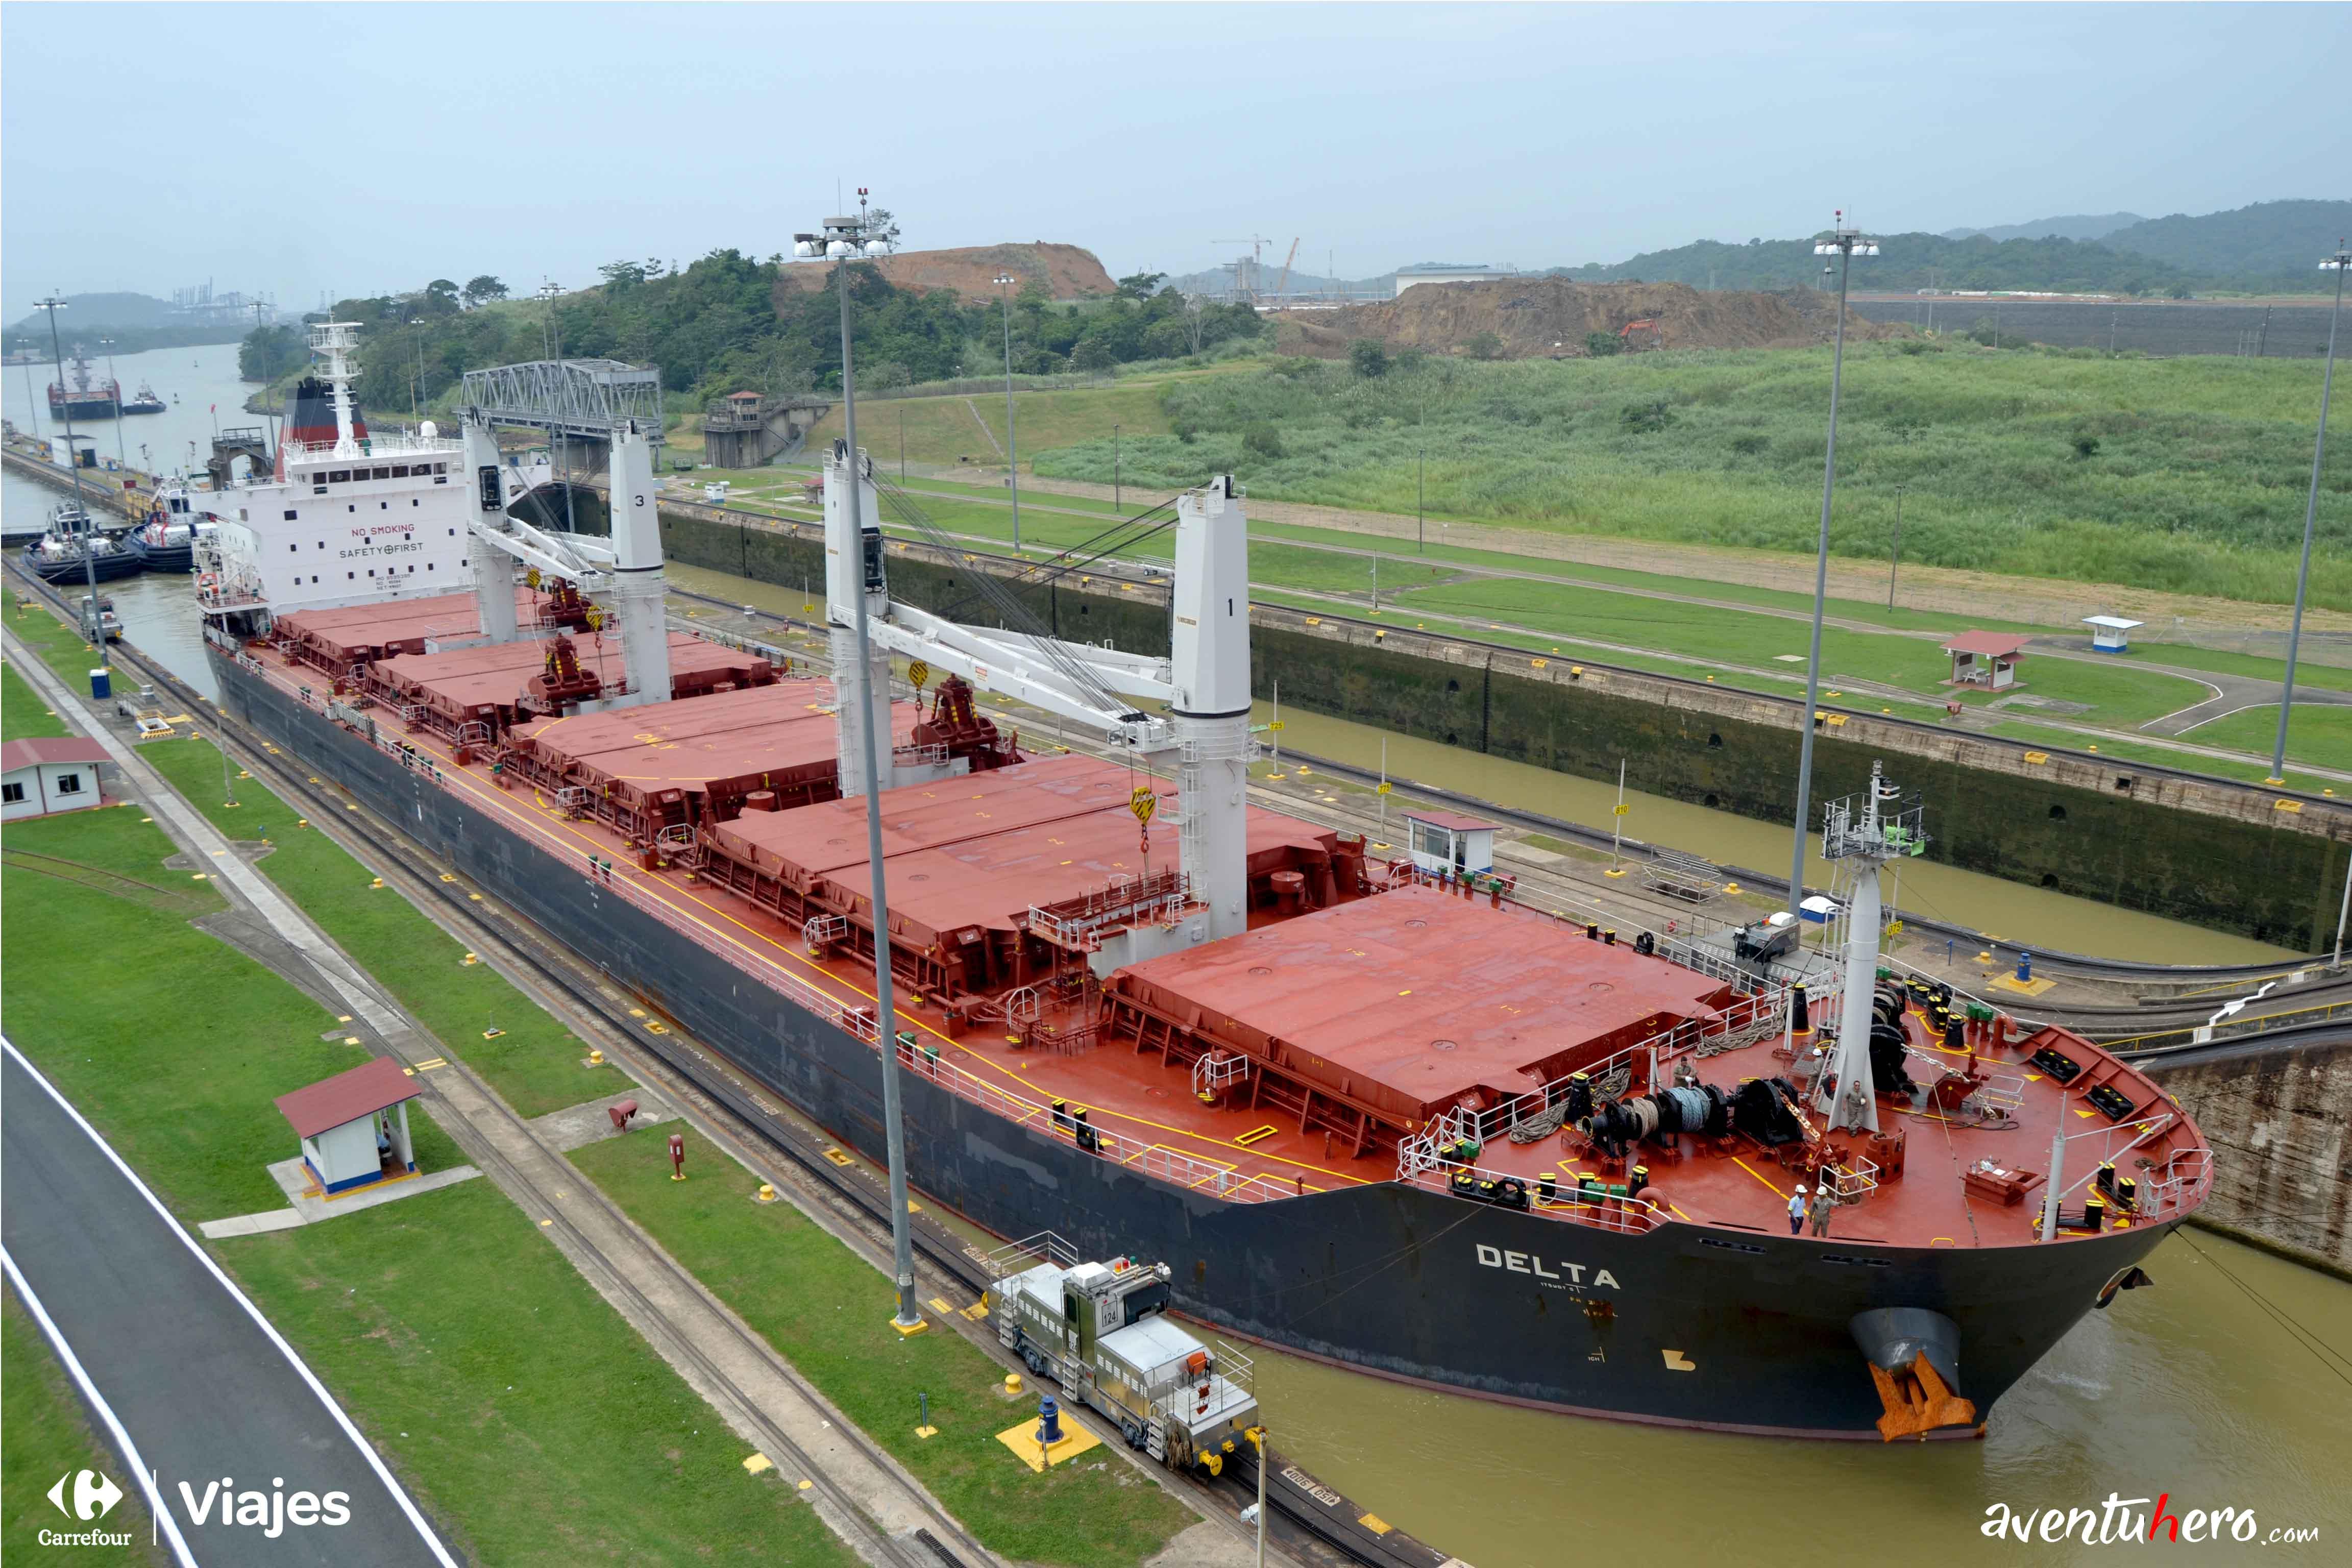 Canal de Miraflores